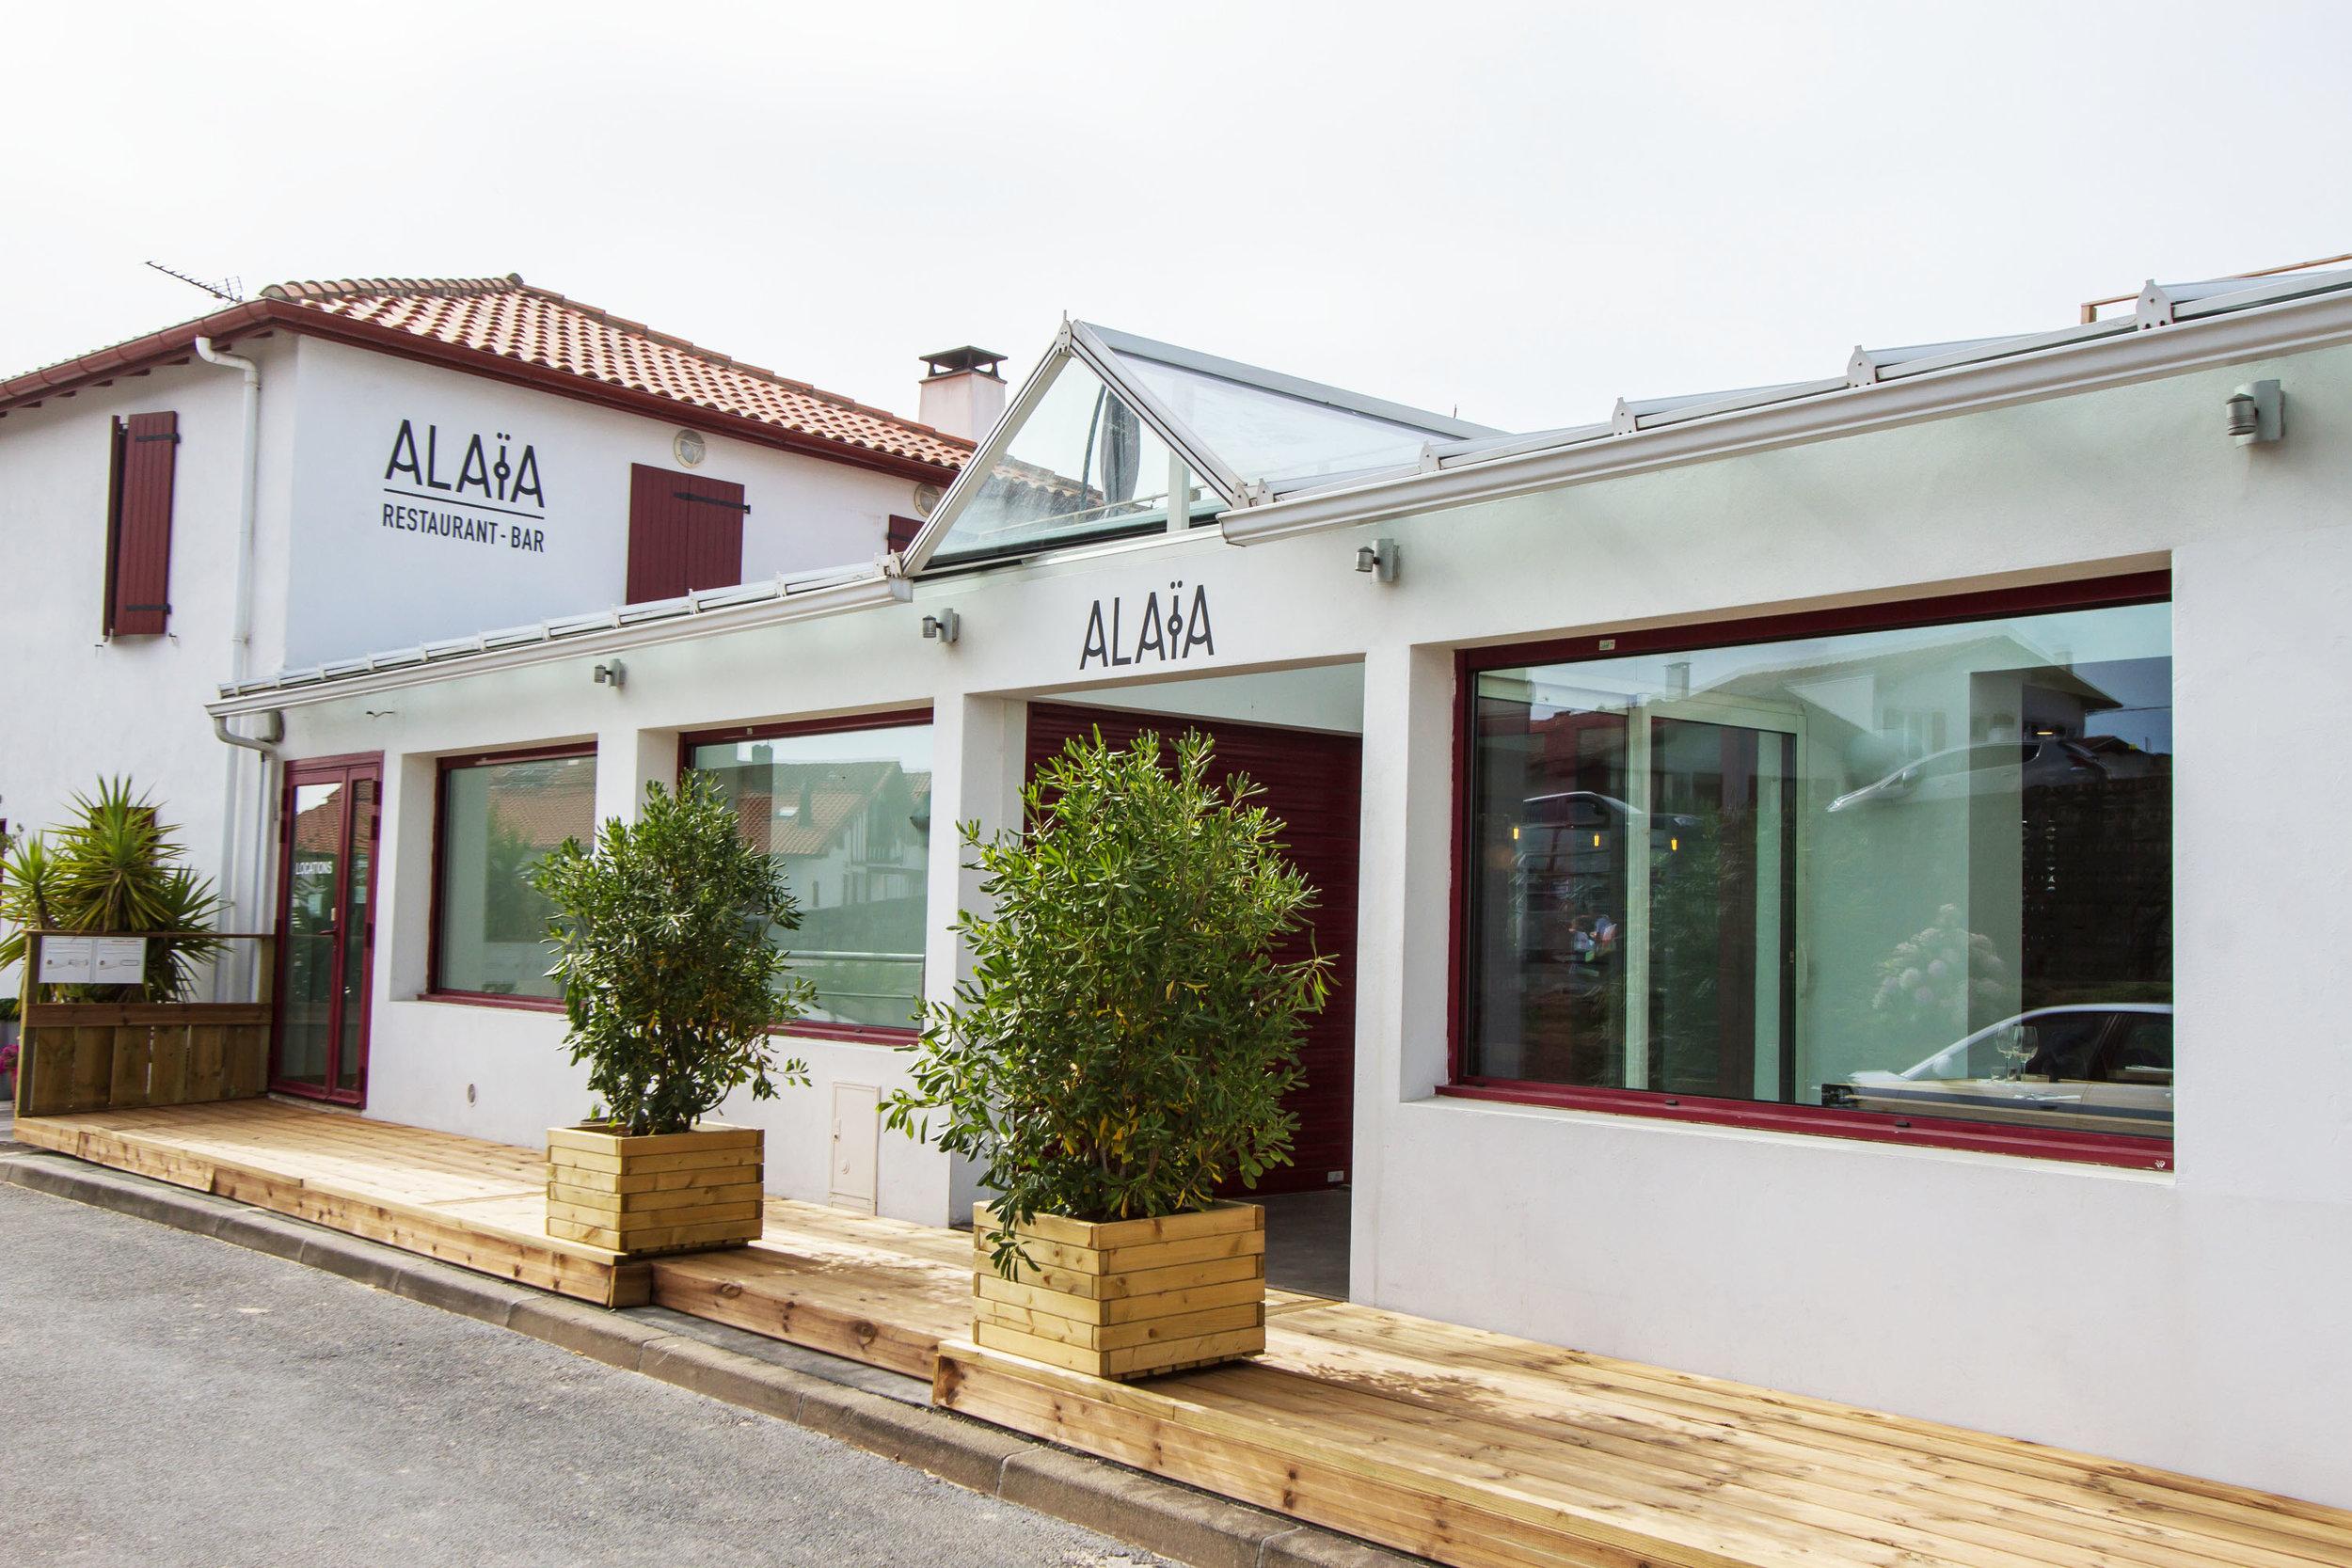 Alaia-6202.jpg